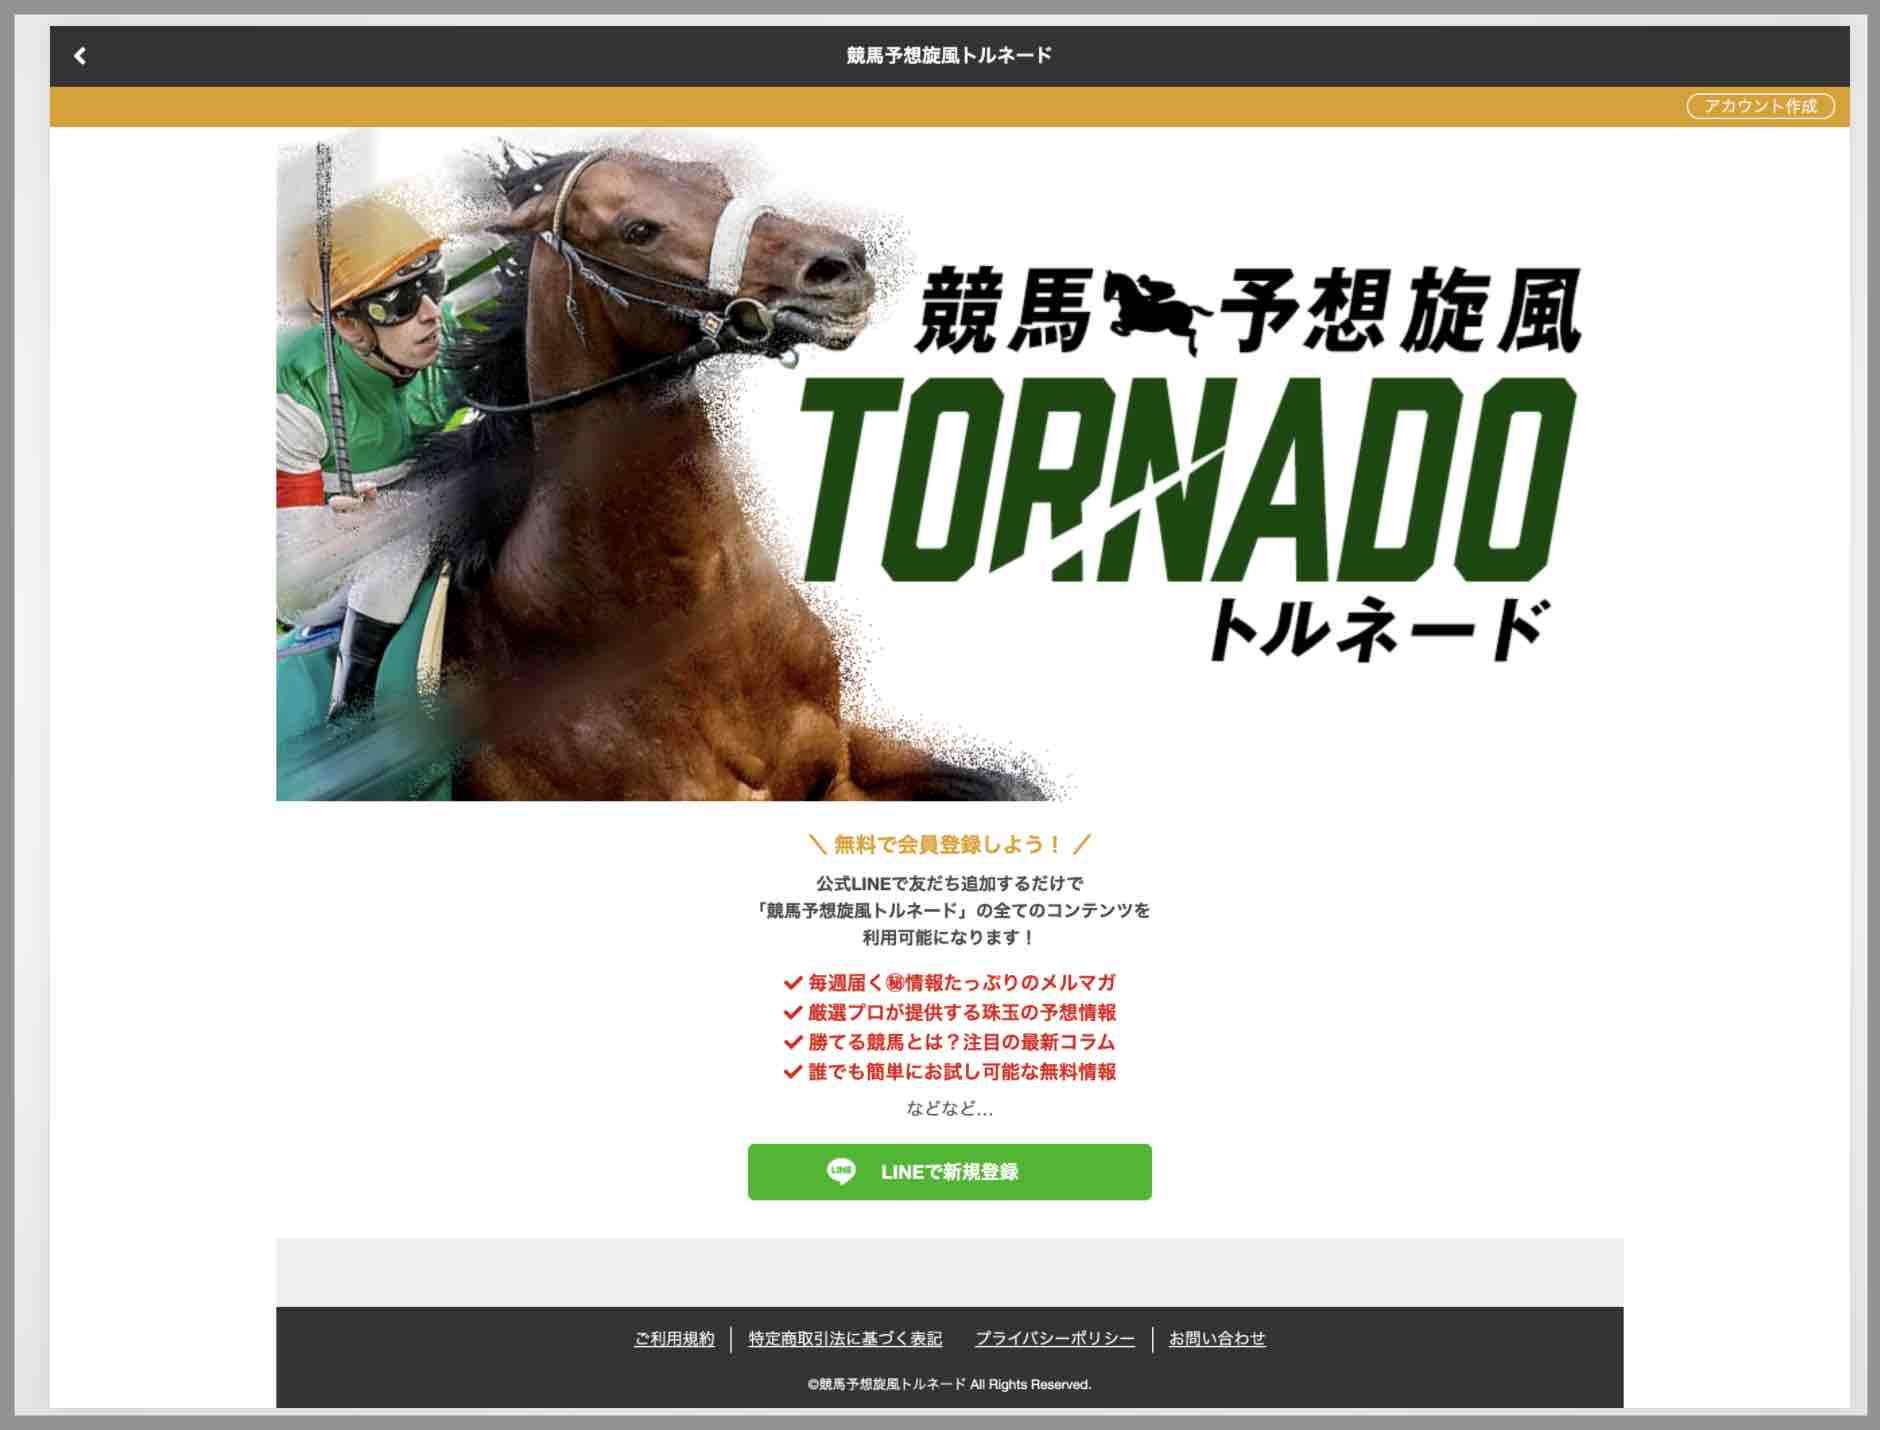 競馬予想旋風トルネードという競馬予想サイトの非会員TOP